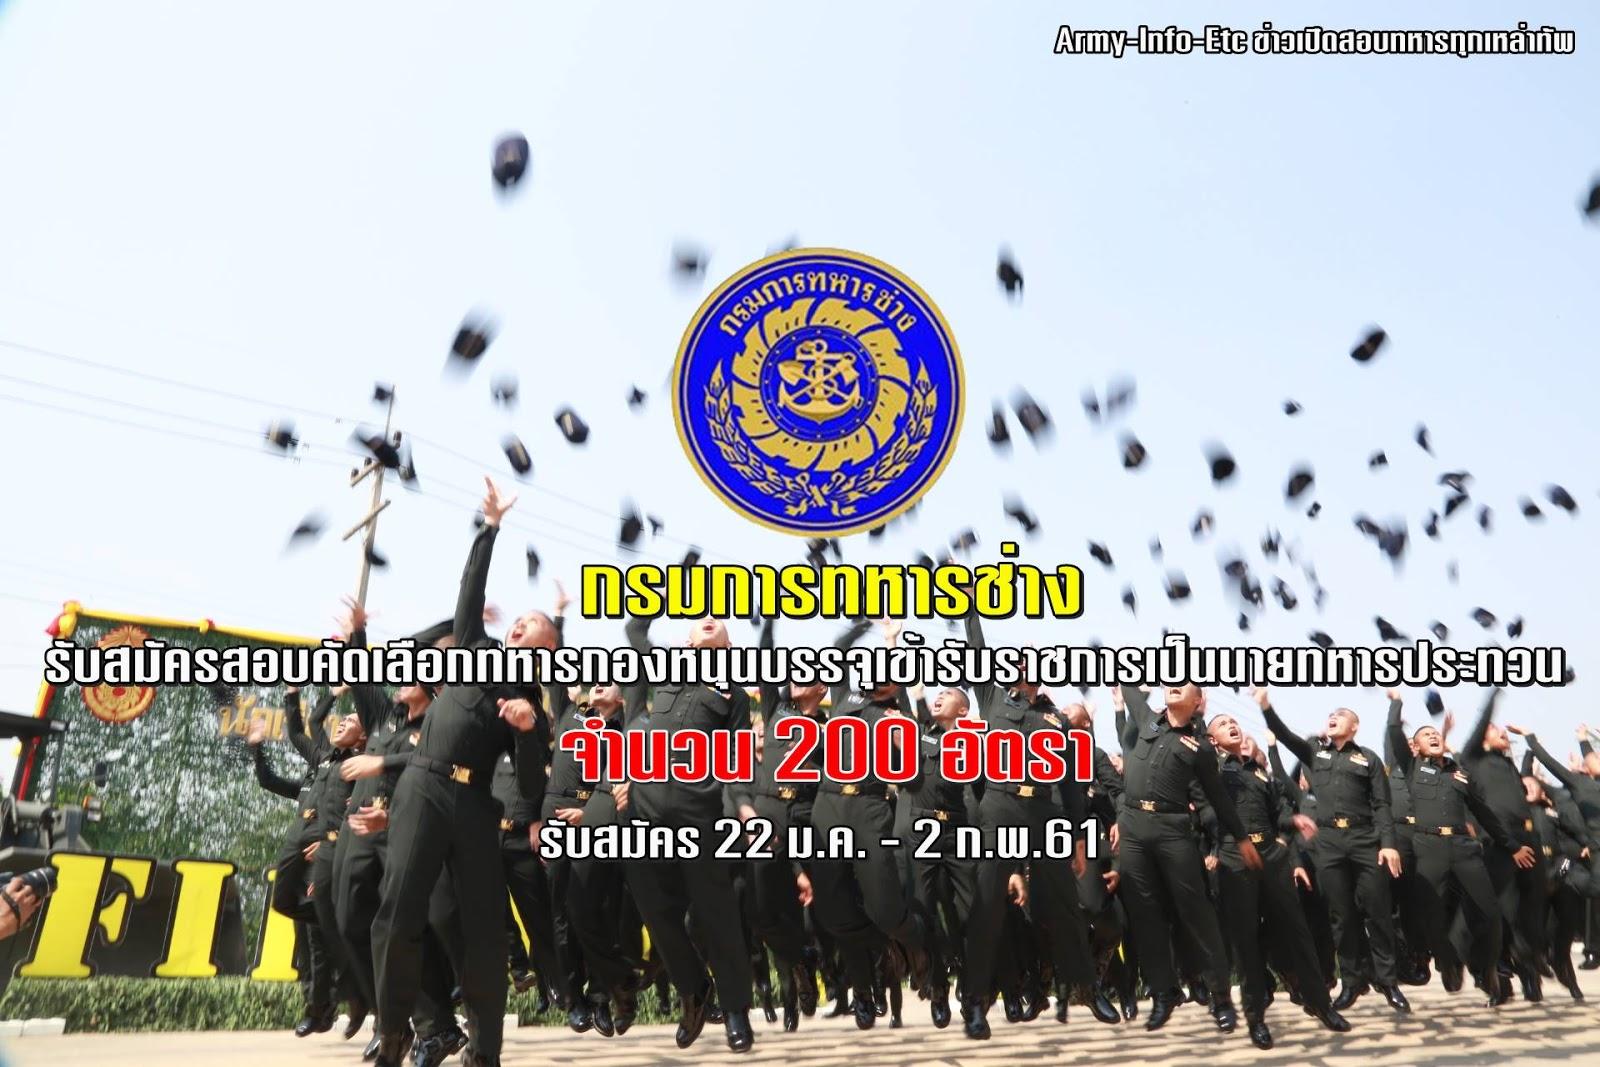 กช. เรื่อง รับสมัครสอบคัดเลือกทหารกองหนุนบรรจุเข้ารับราชการเป็นนายทหารประทวน เหล่าทหารช่าง